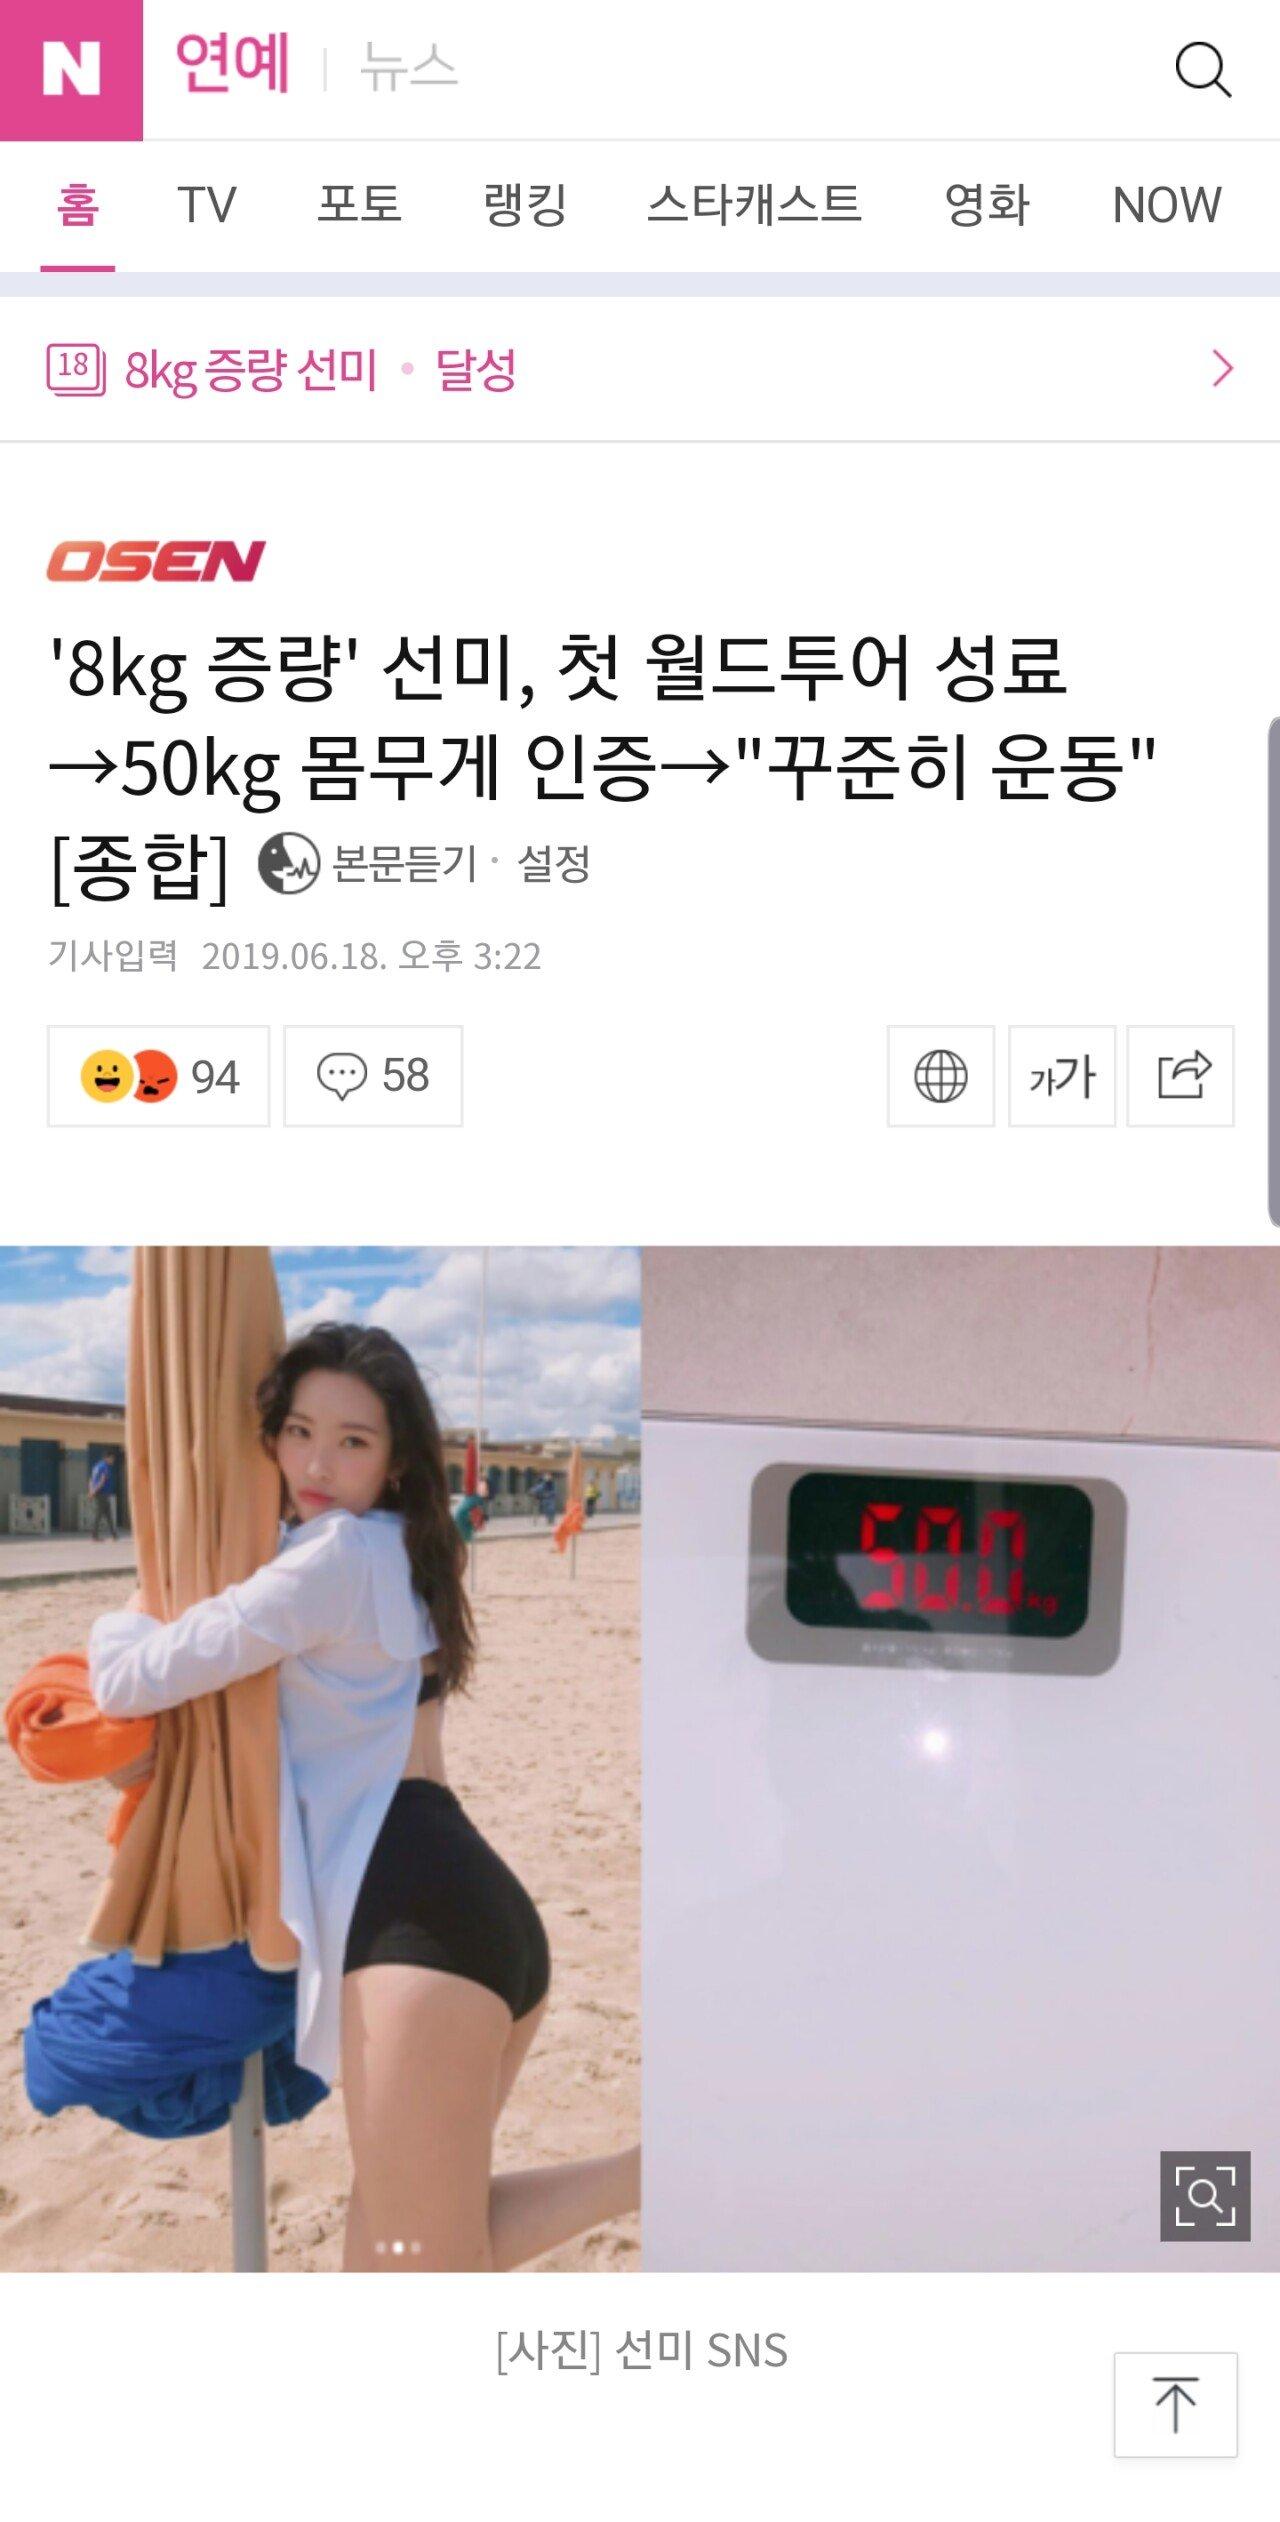 Screenshot_20190618-163452_Samsung Internet.jpg 8키로 찌운 선미에 화난 언냐...